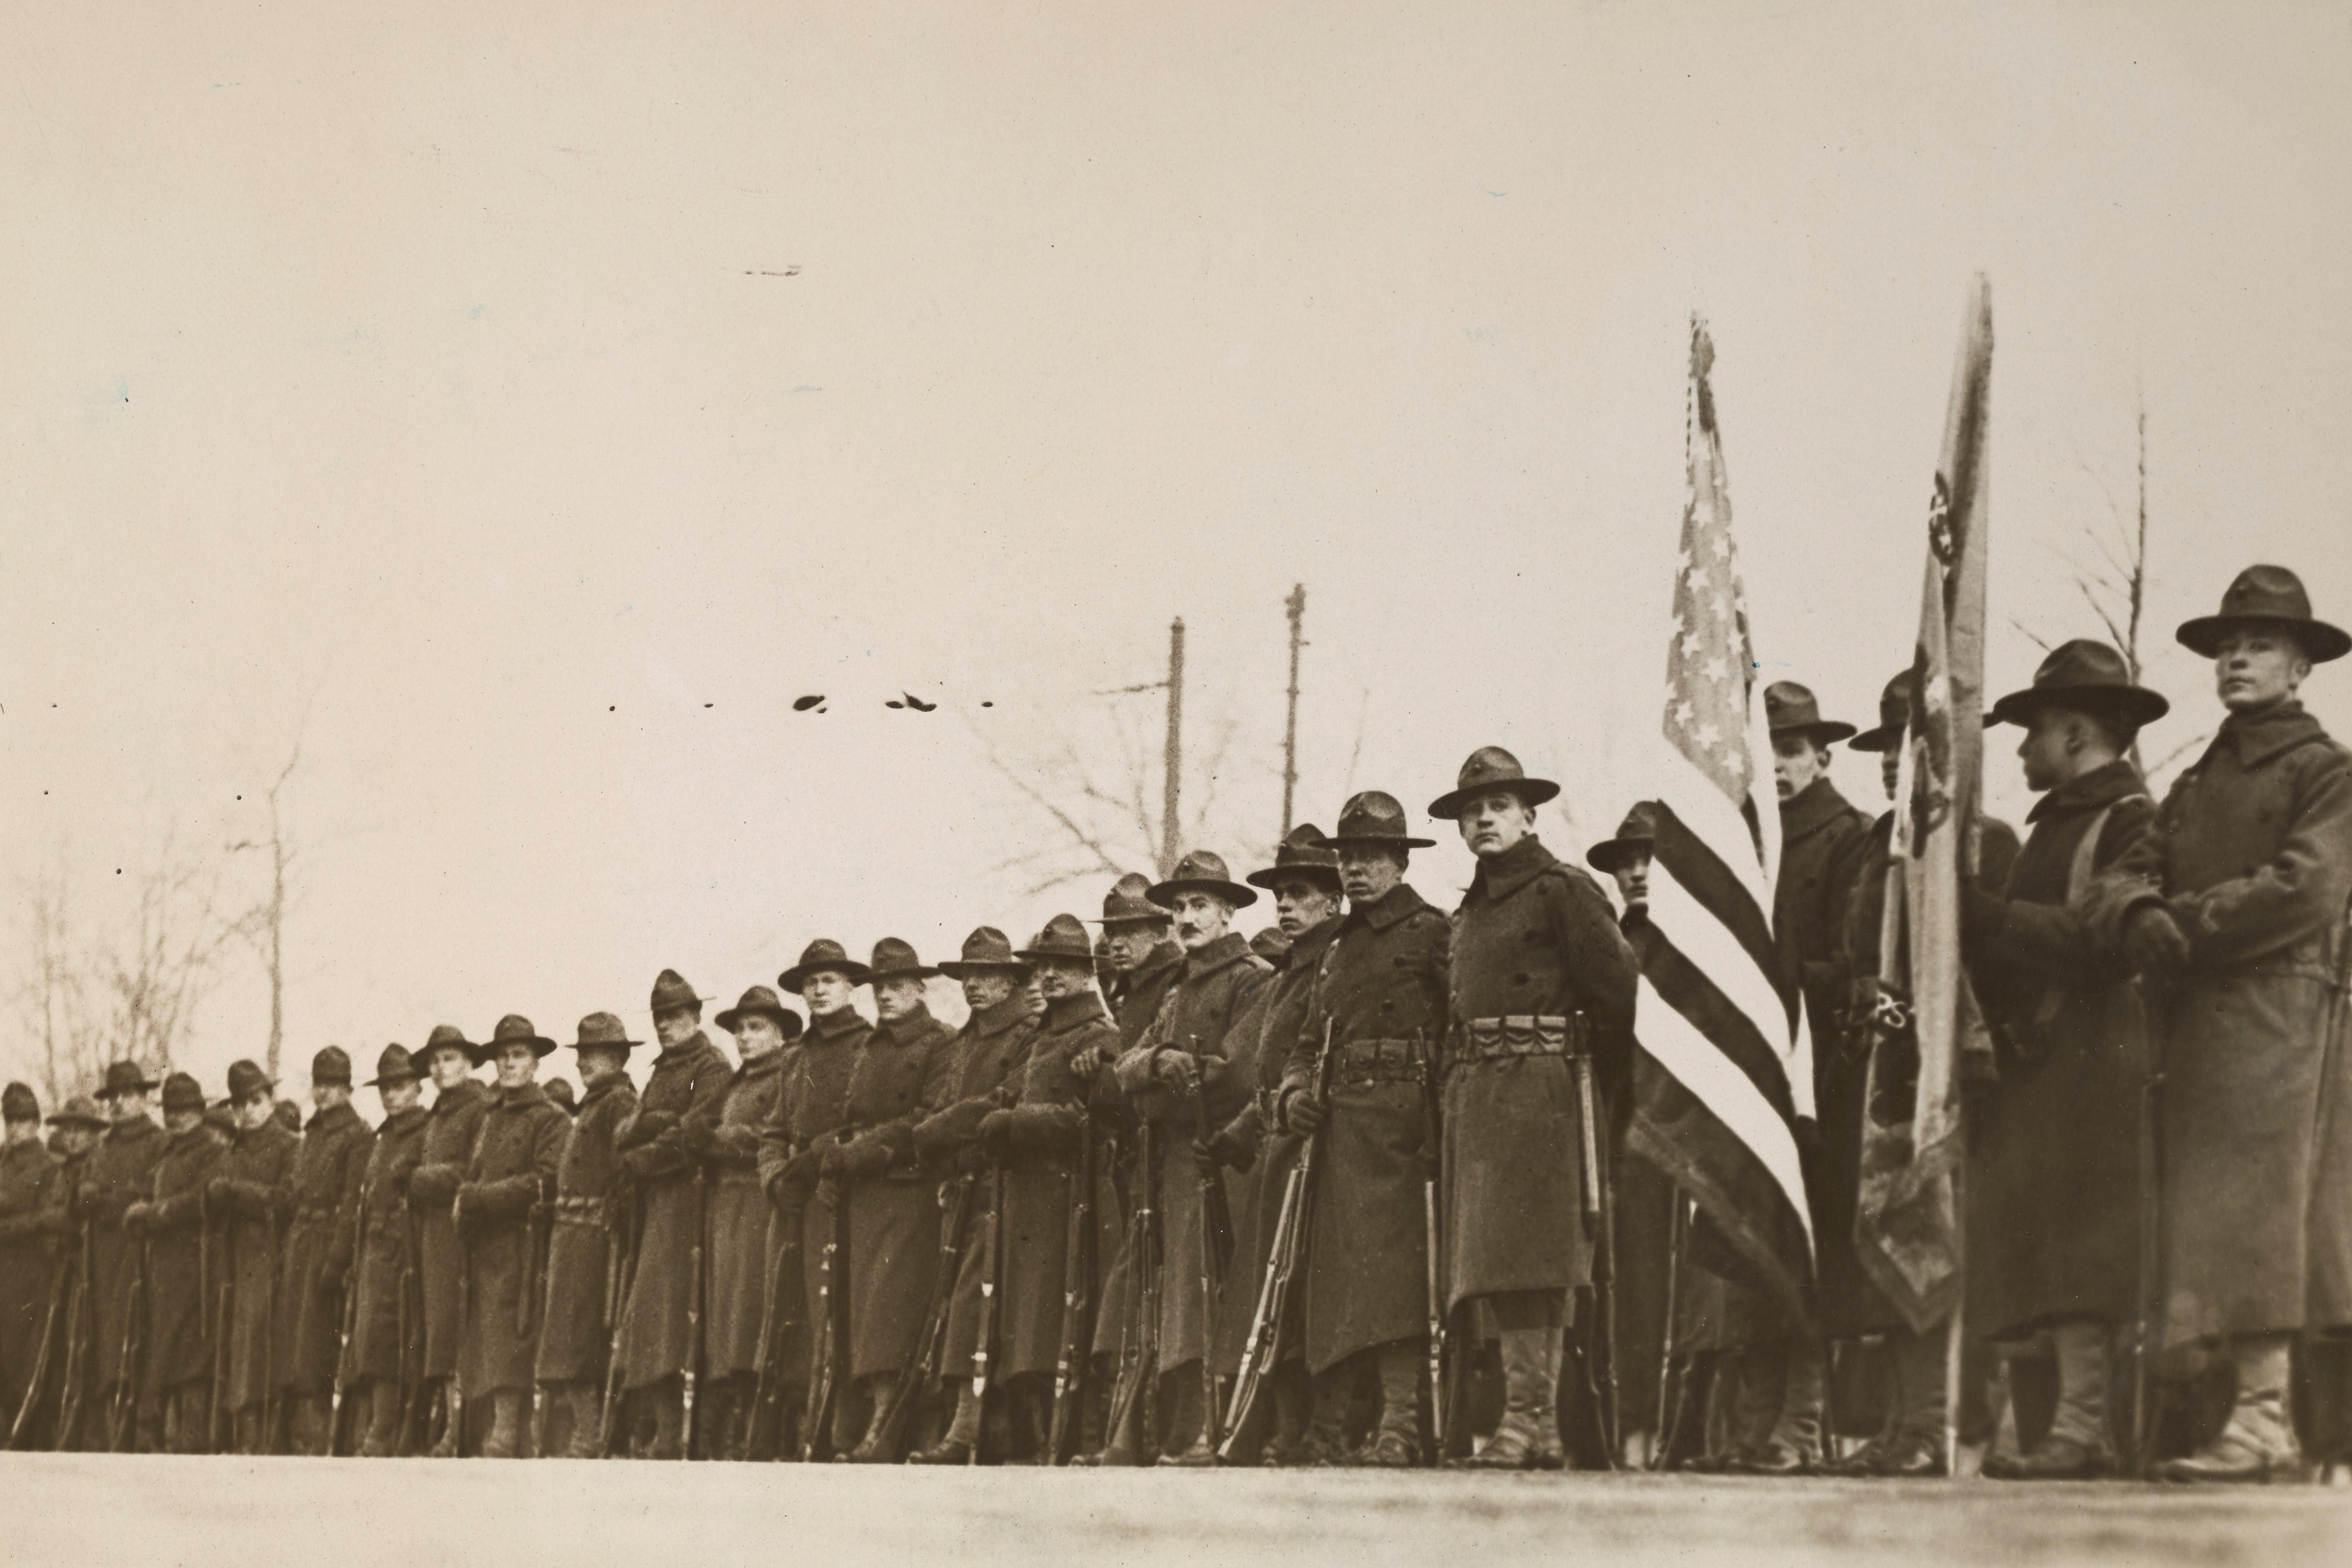 Les Marines qui ont stoppé les Allemands à Chateau-Thierry lors d'une parade à Philadelphie NARA 165-WW-321A-006